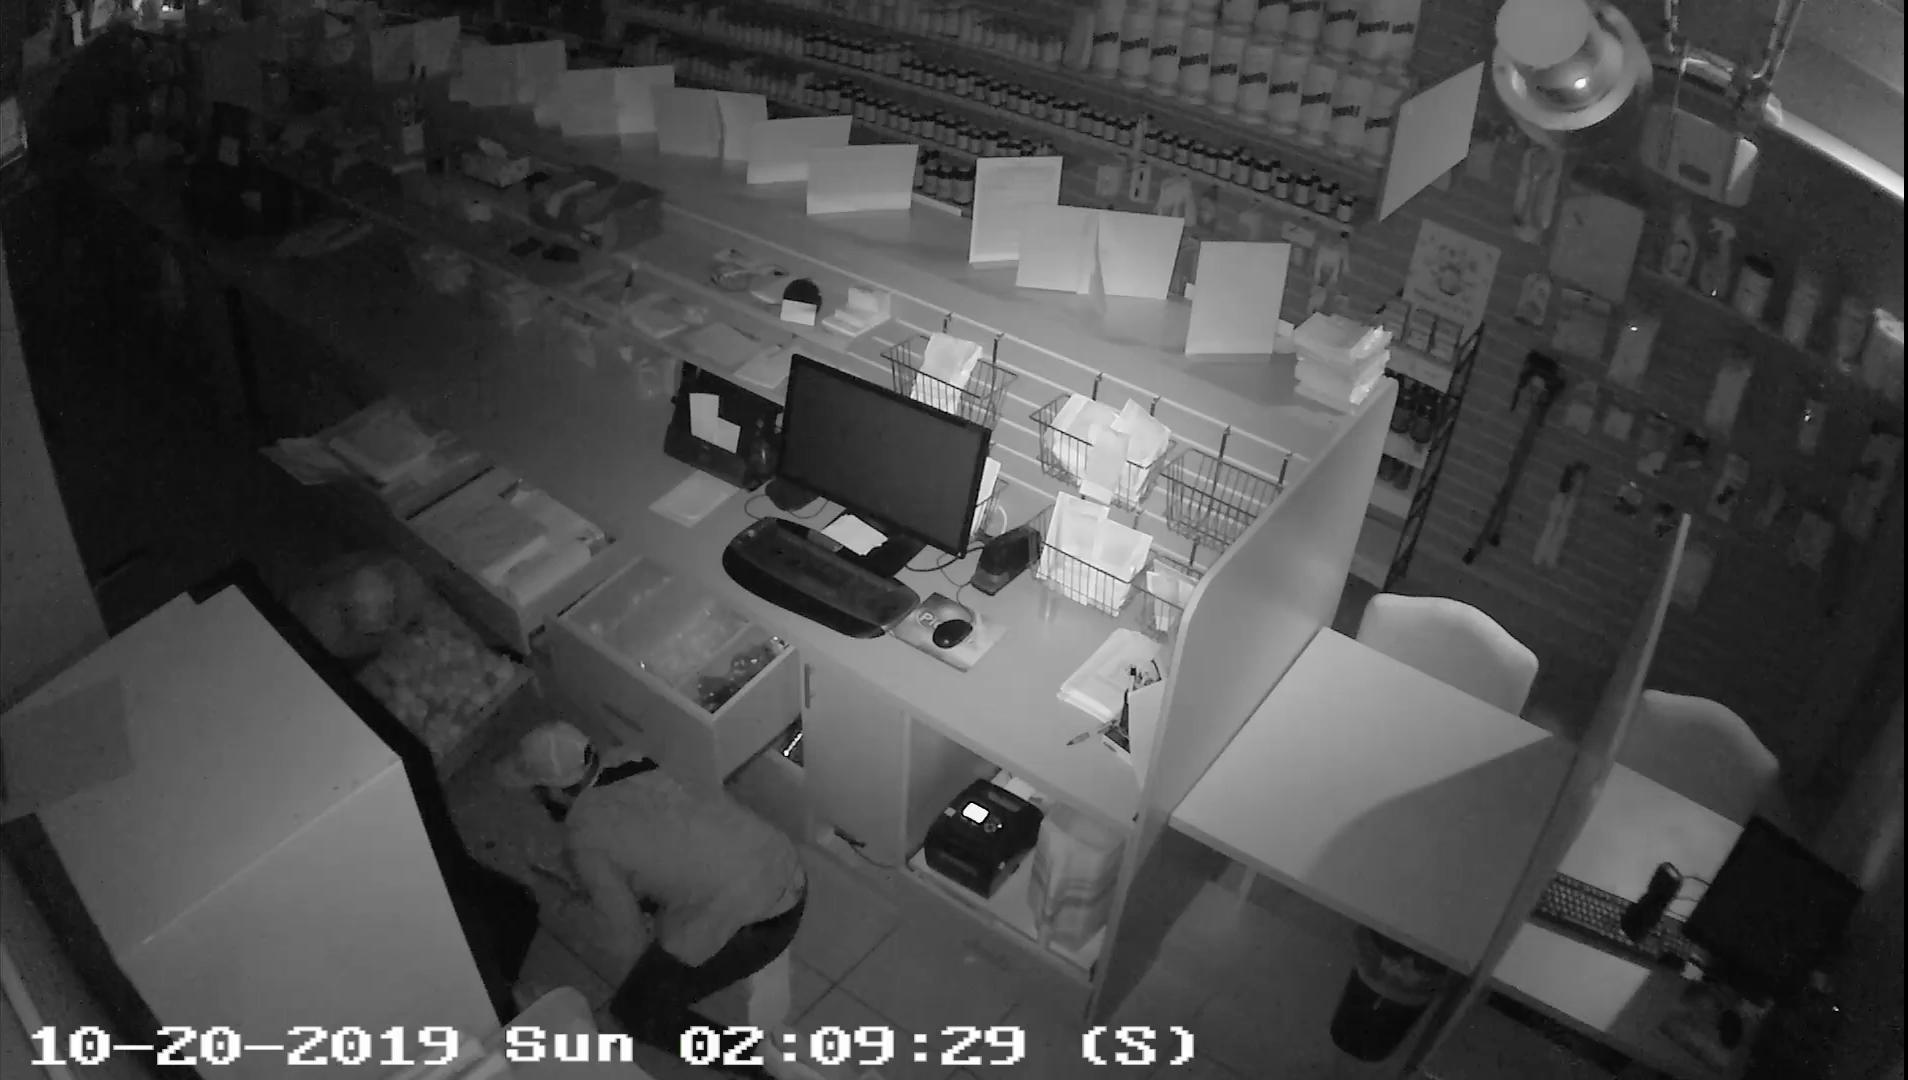 Nuevos videos muestran el robo a una farmacia de Boca Raton.